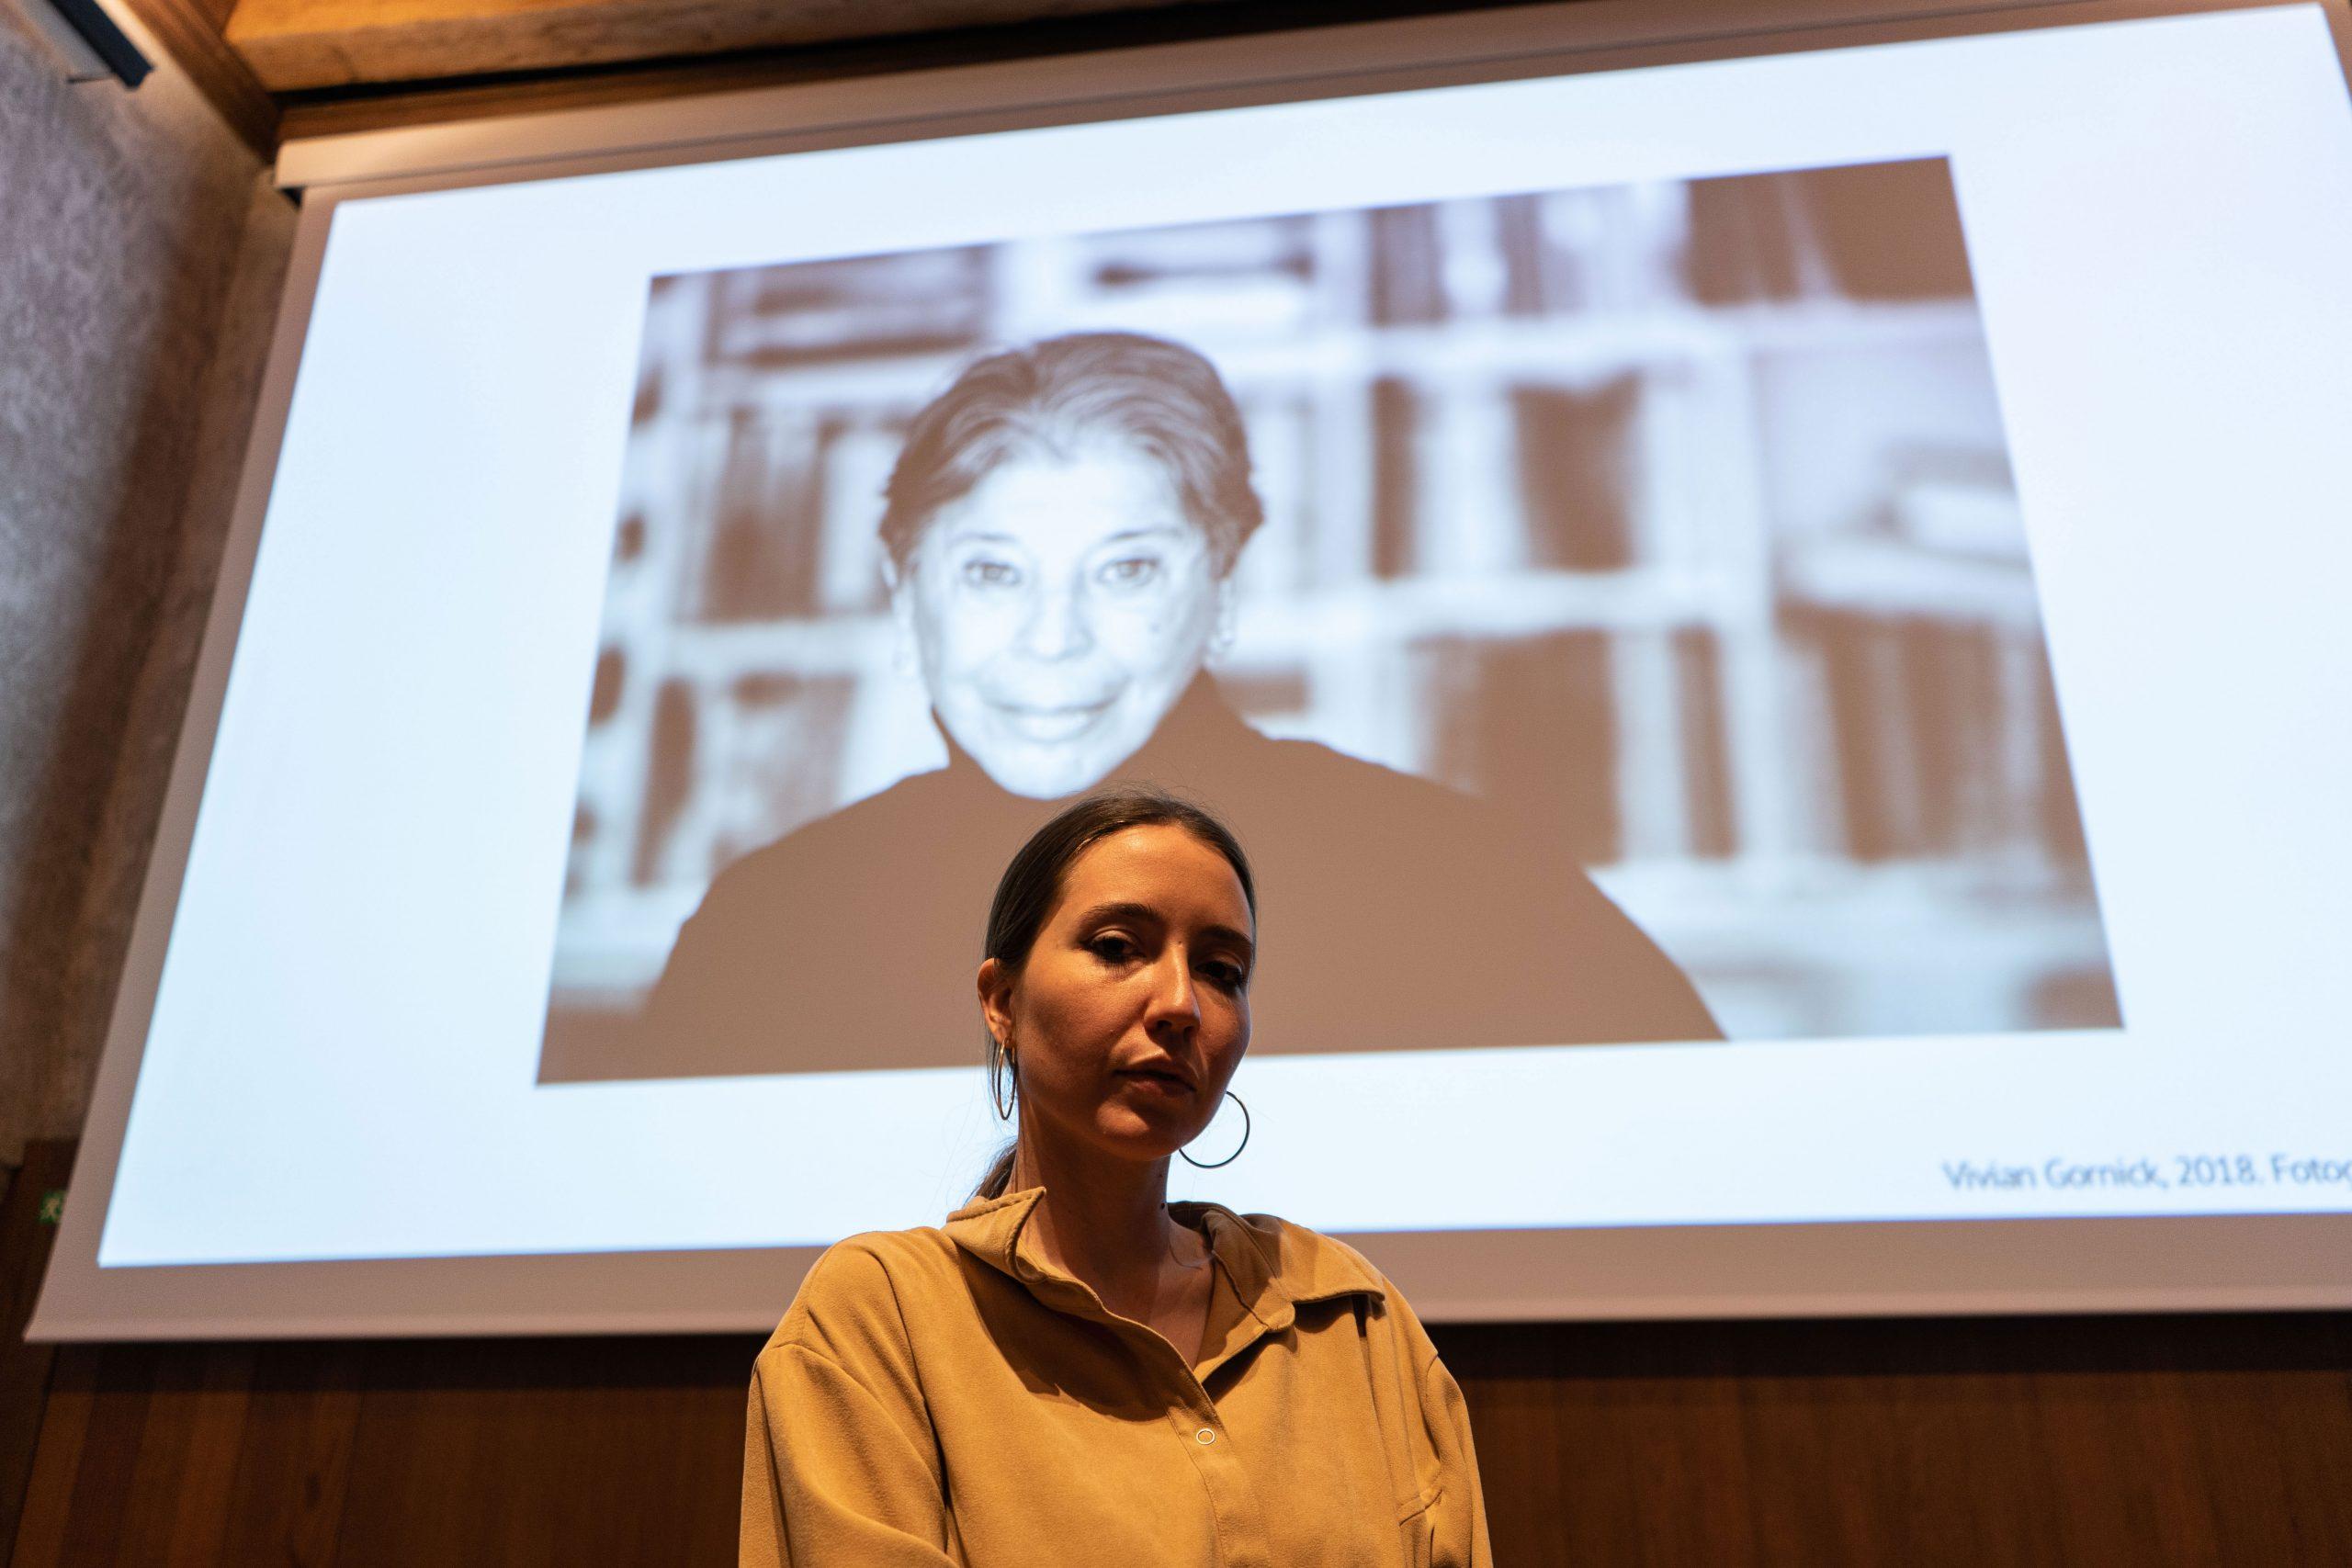 Anna Pacheco con la imagen proyectada de Vivian Gornick.